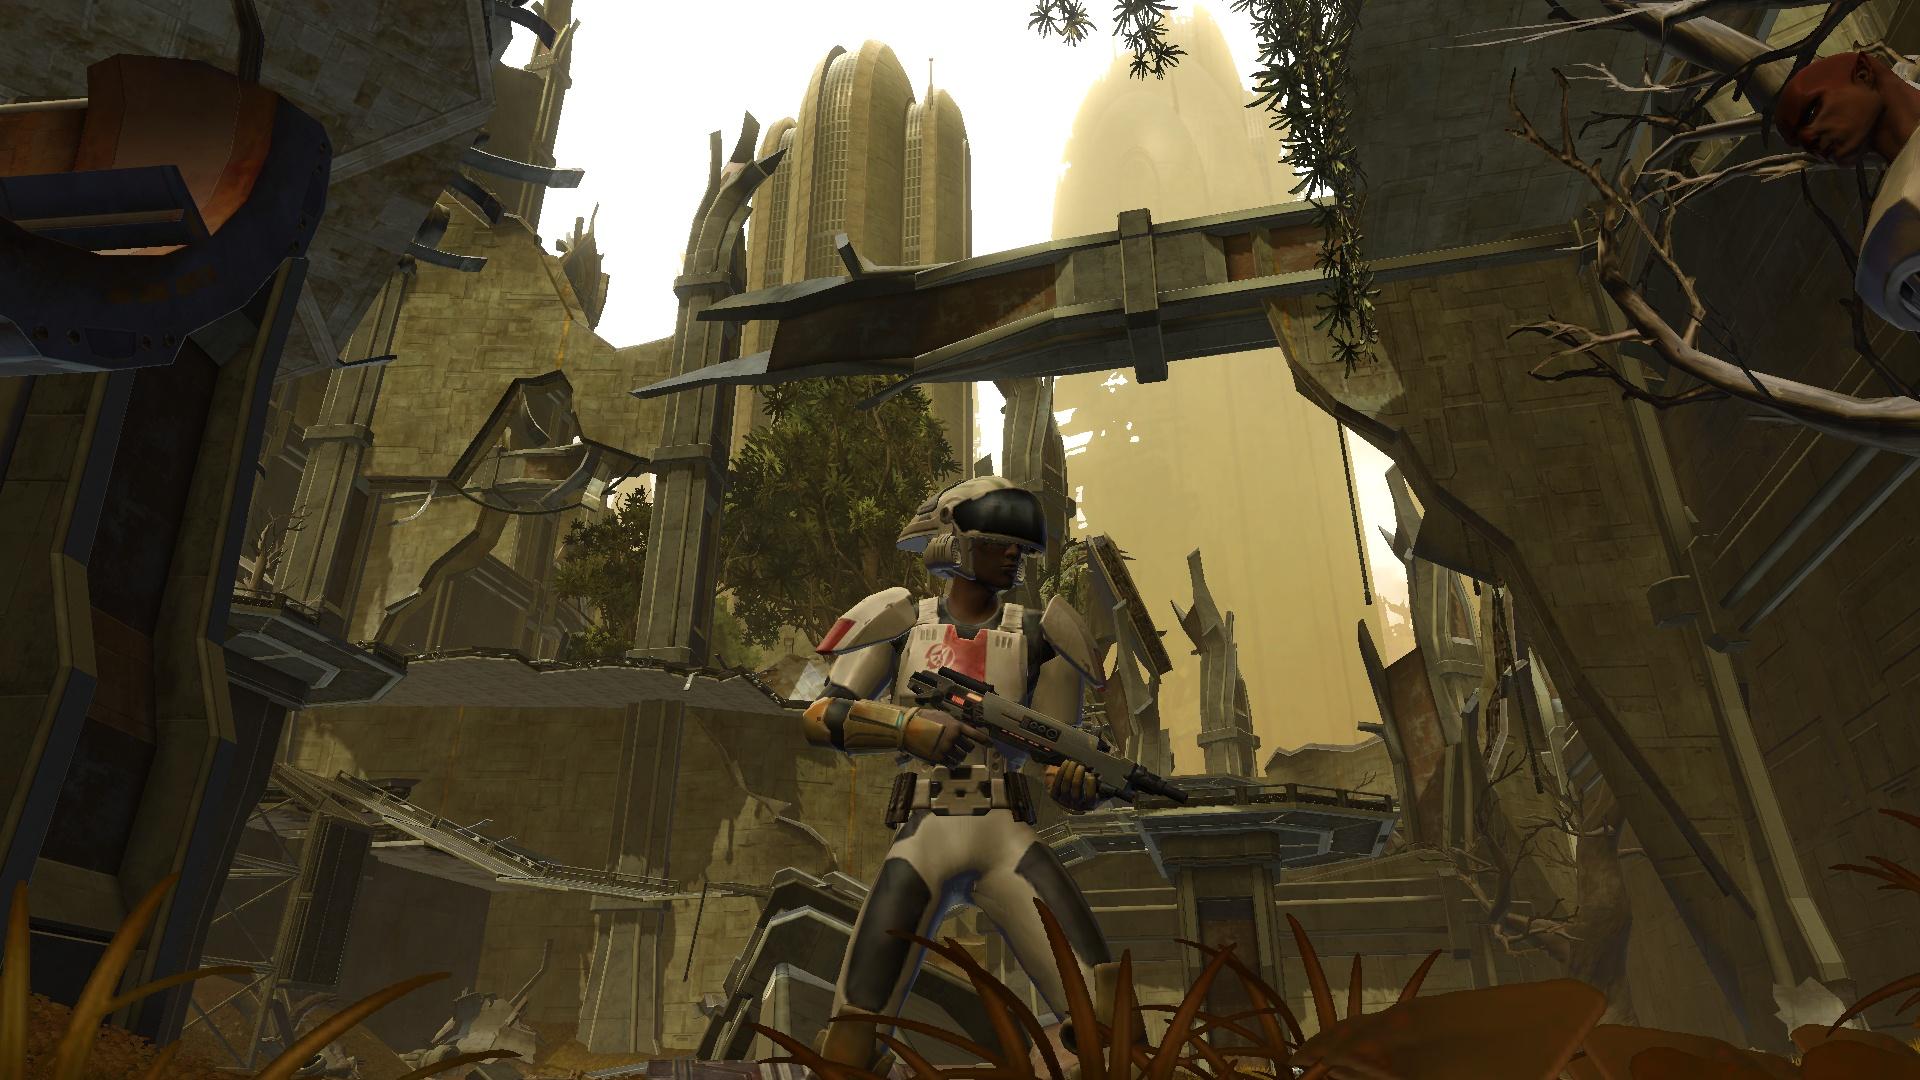 screenshot_2011-12-25wx2my.jpg